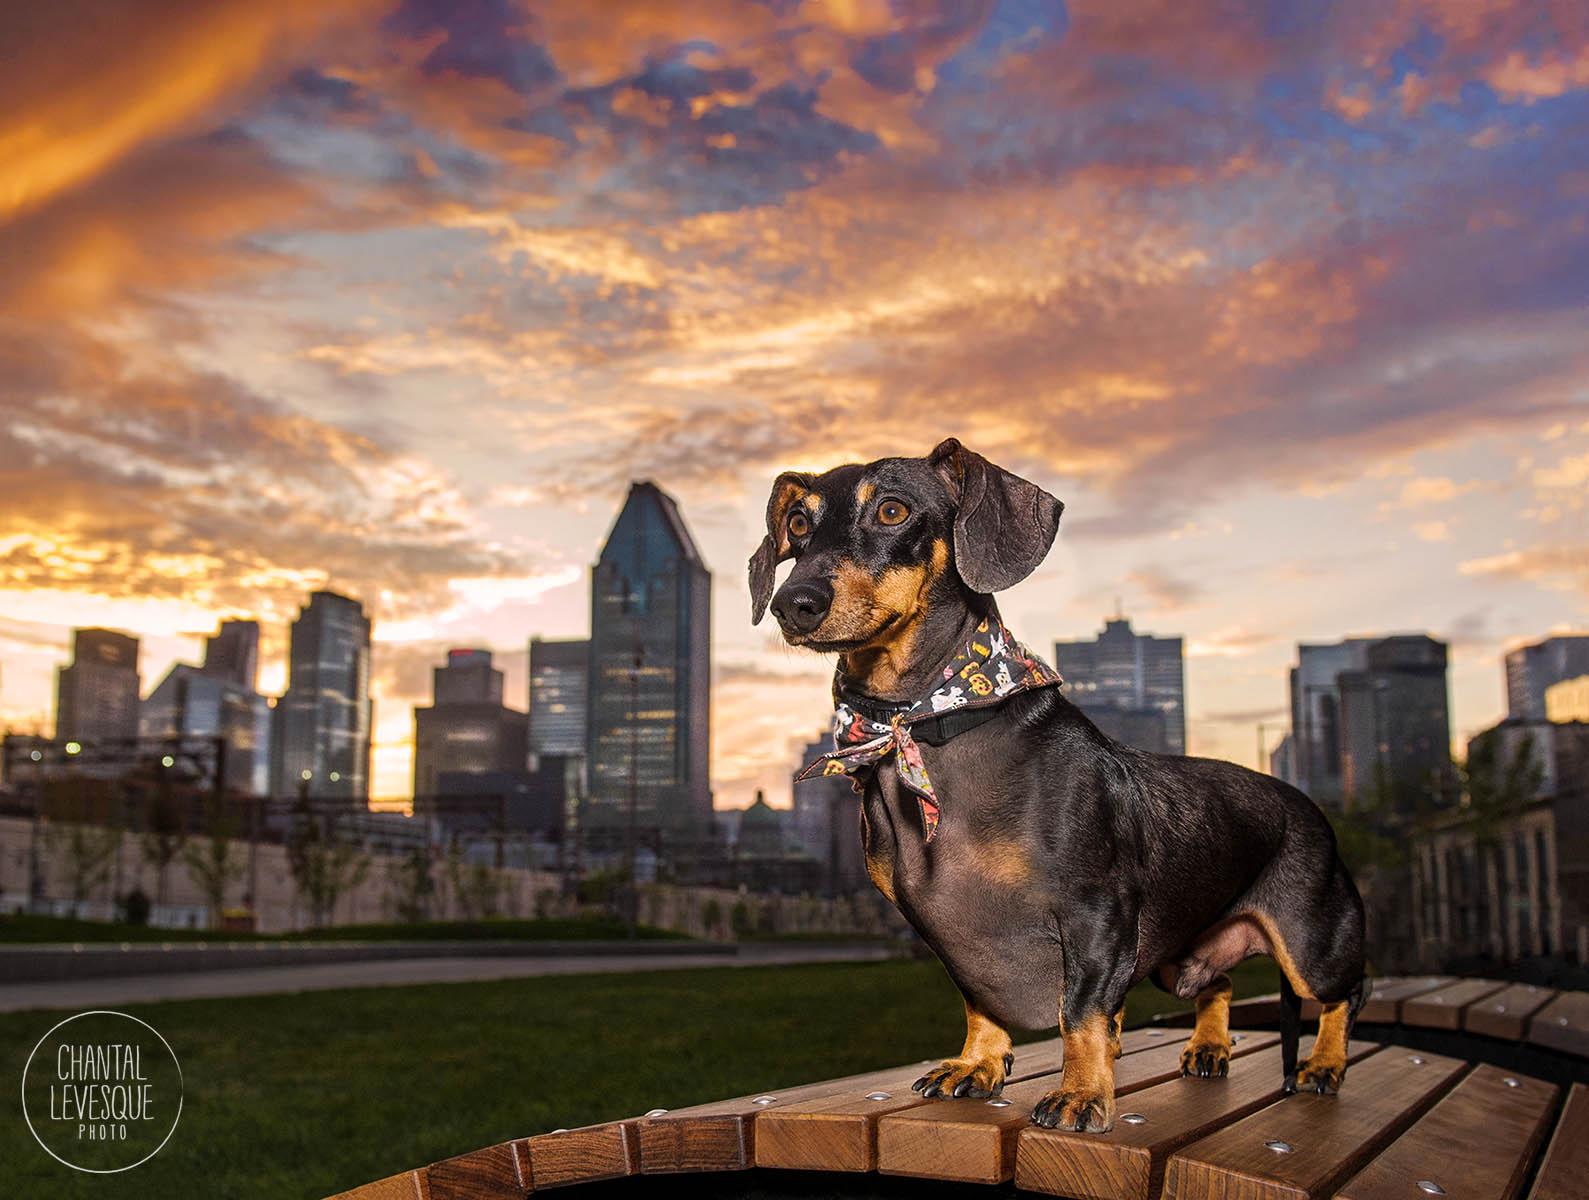 sunset-city-wiener-dog-portrait.jpg